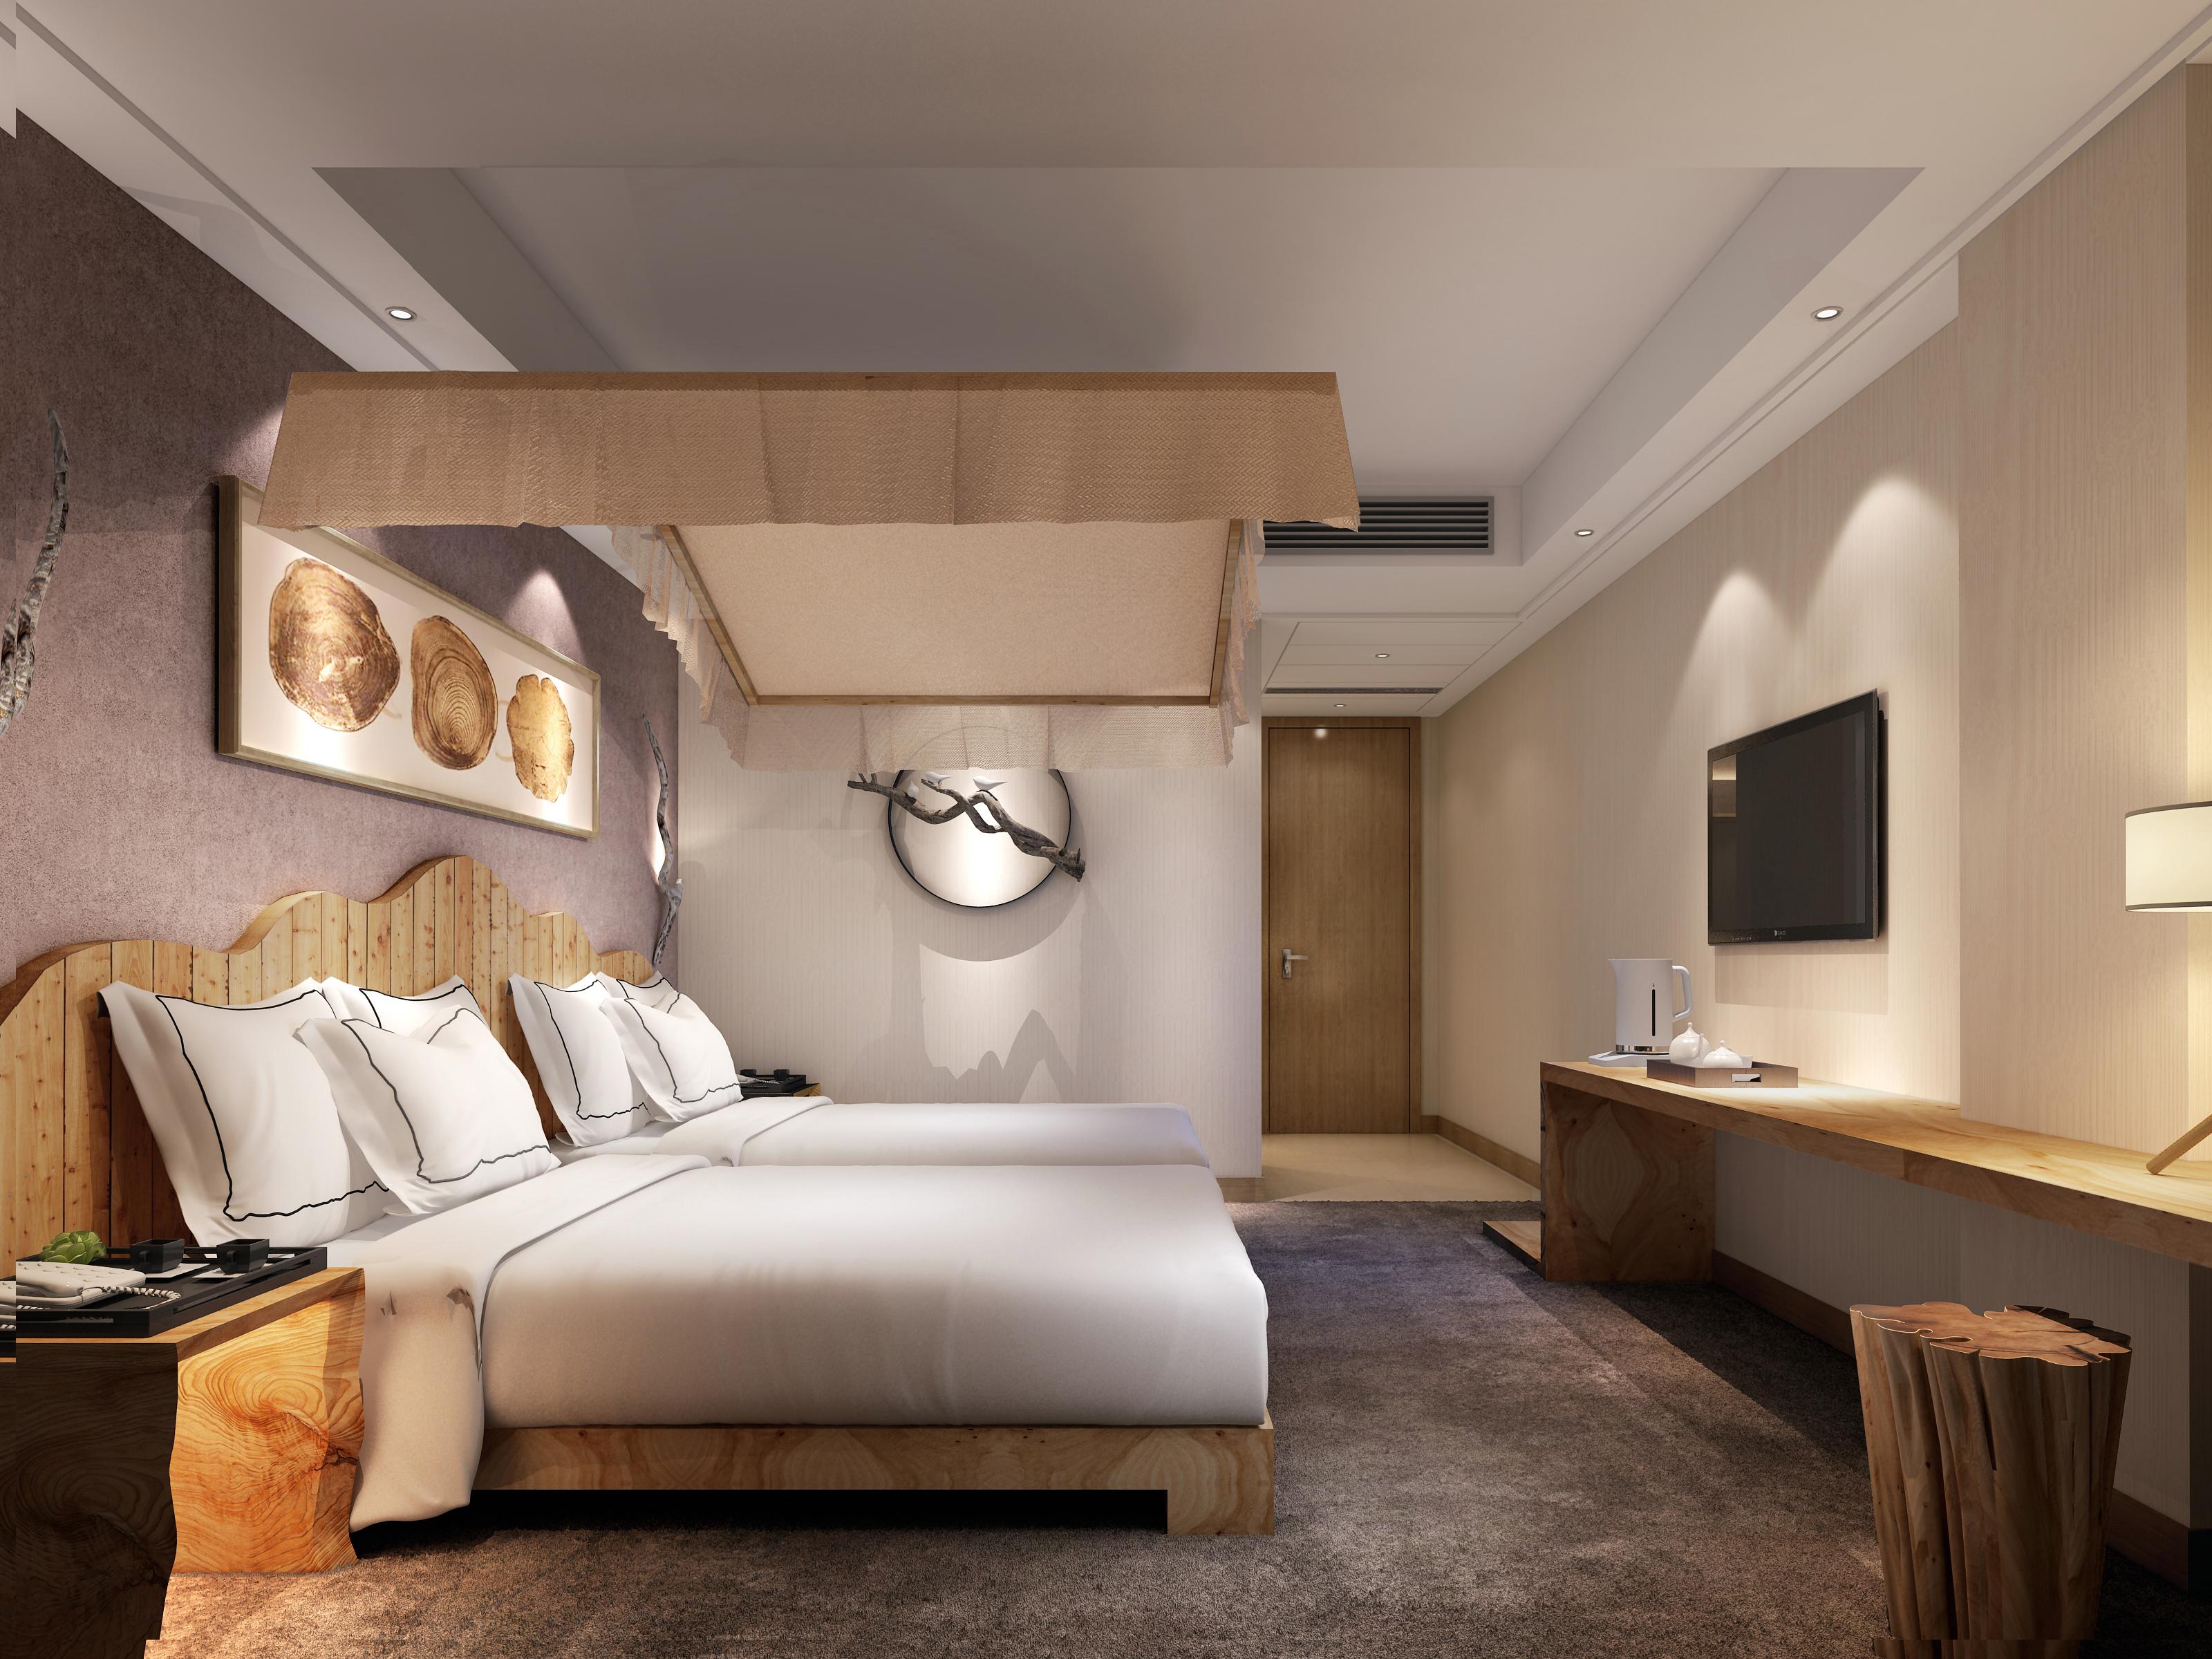 酒店客房-室内设计-空间-设计作品-中国设计之窗